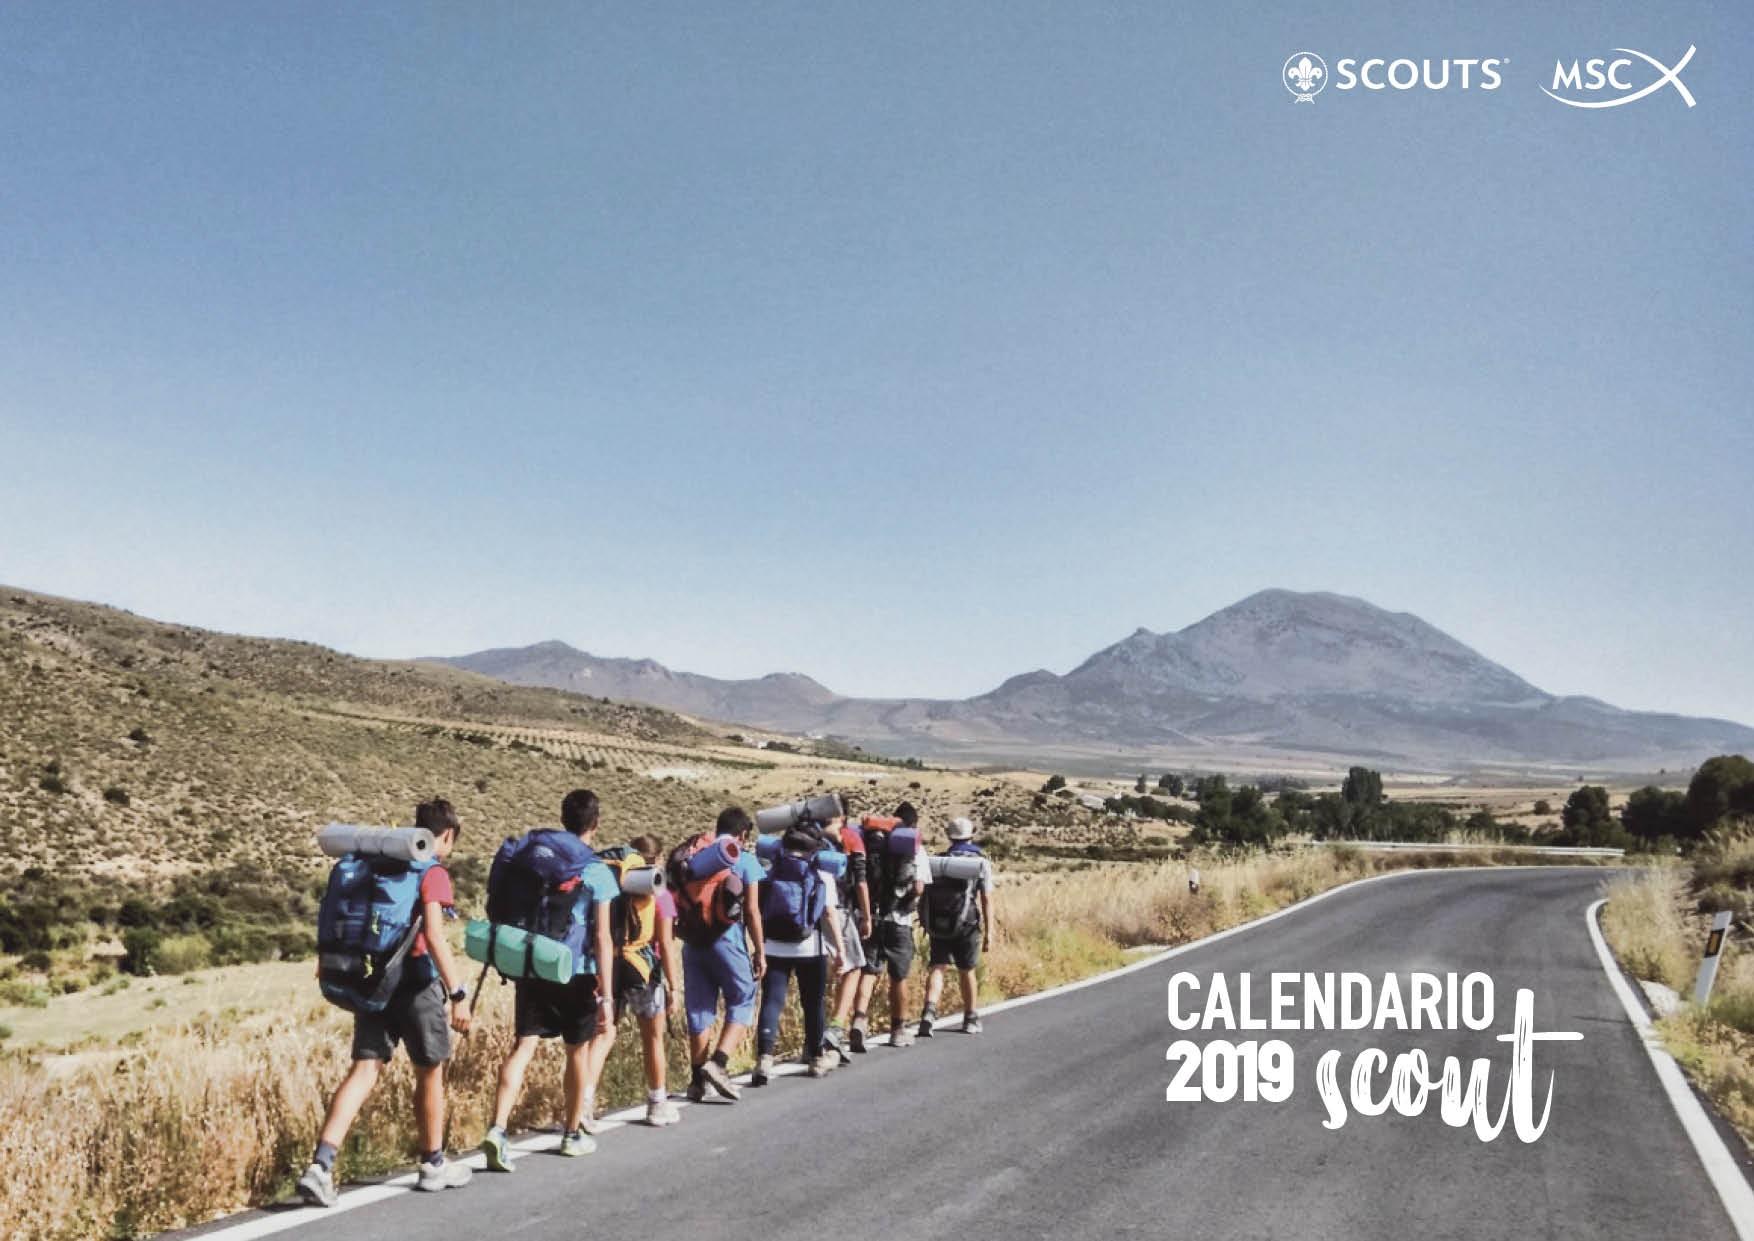 Calendario 2019 Con Festivos Nacionales Más Populares Calendario Scouts Msc 2019 Of Calendario 2019 Con Festivos Nacionales Más Arriba-a-fecha Calendario Escolar 2018 2019 En Barcelona afterscool